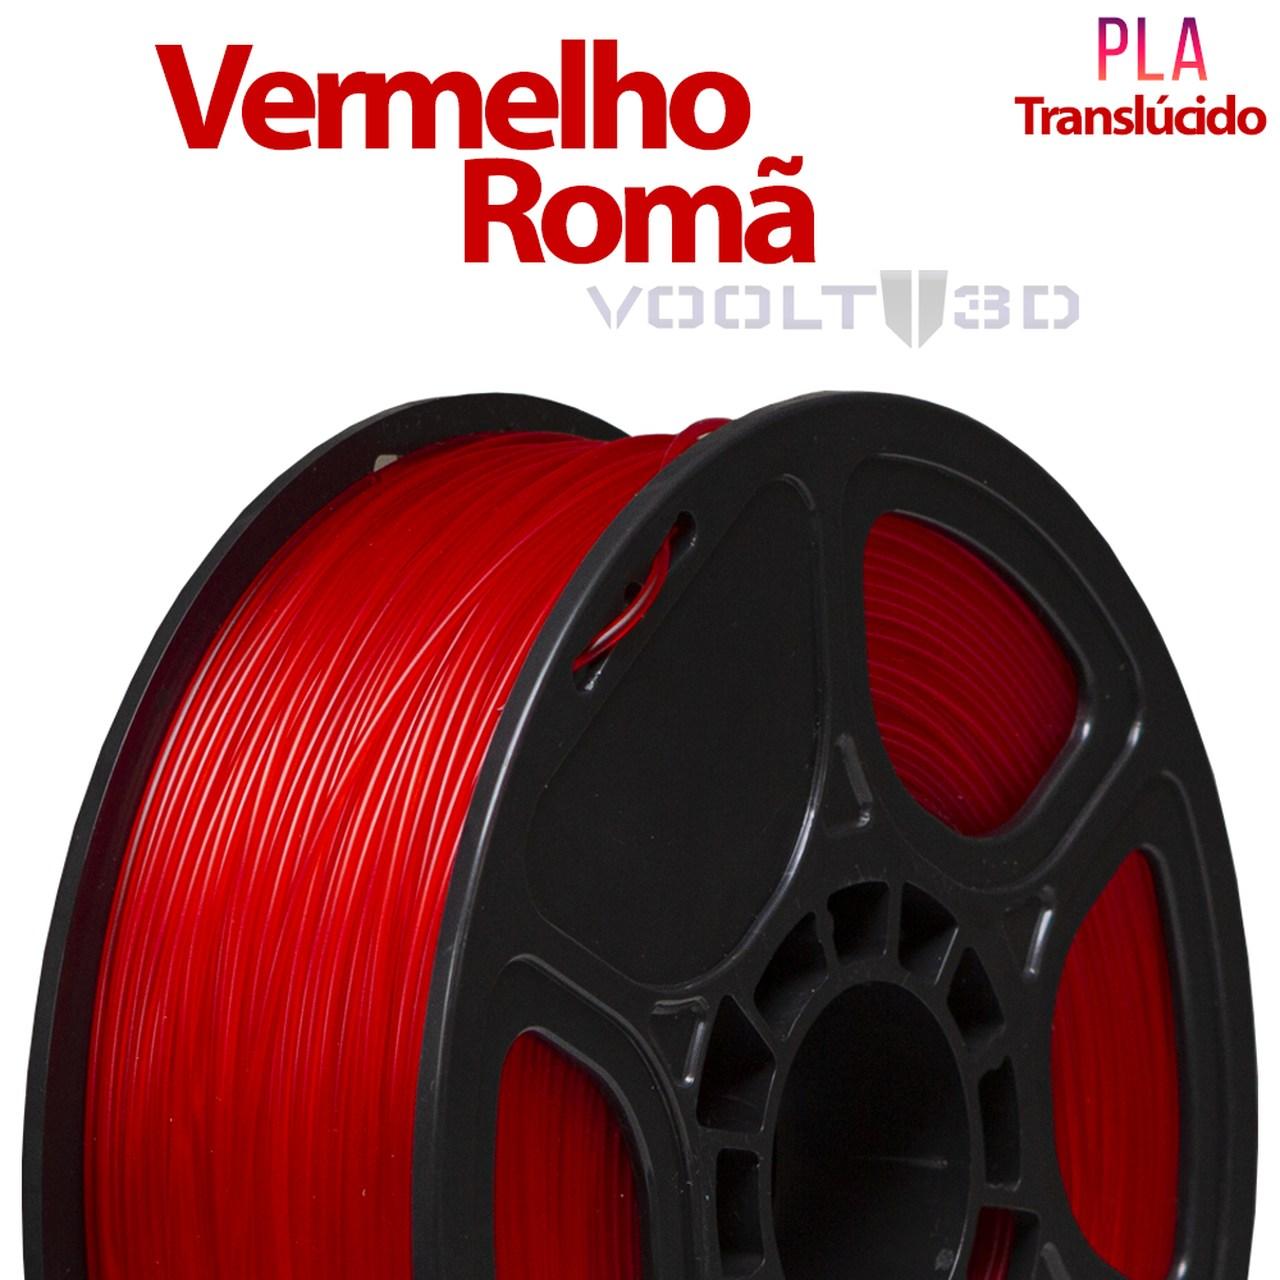 Filamento PLA - Vermelho Romã Translúcido - Voolt - 1.75mm - 1kg